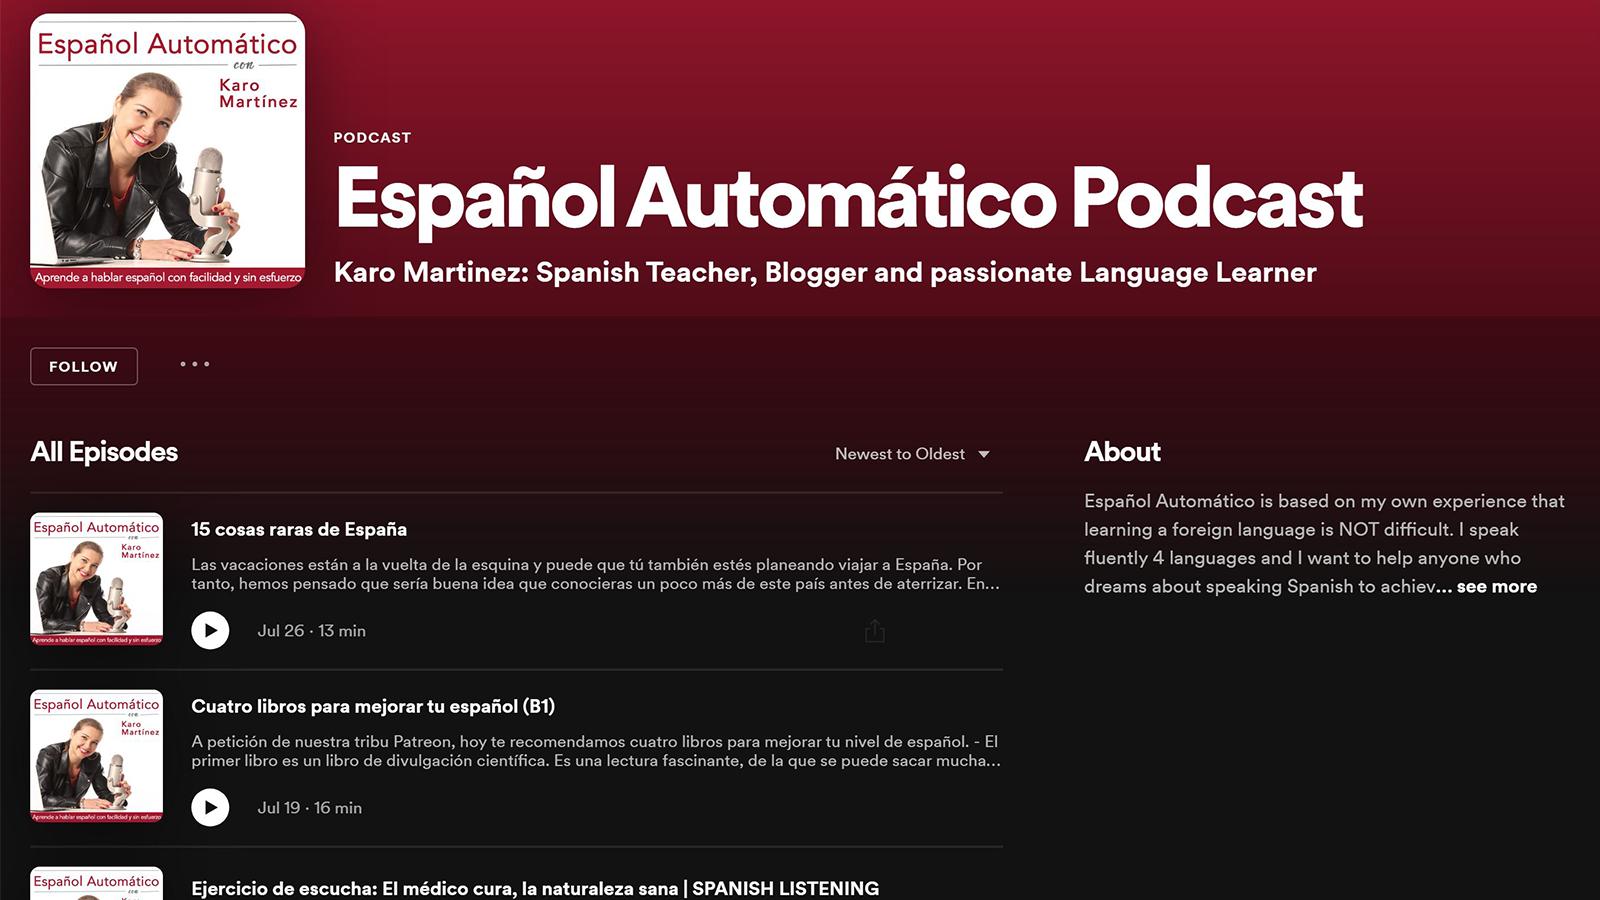 Mit Podcast können Sie Fremdsprachen ganz einfach lernen, auch während Sie in den Urlaub fahren.